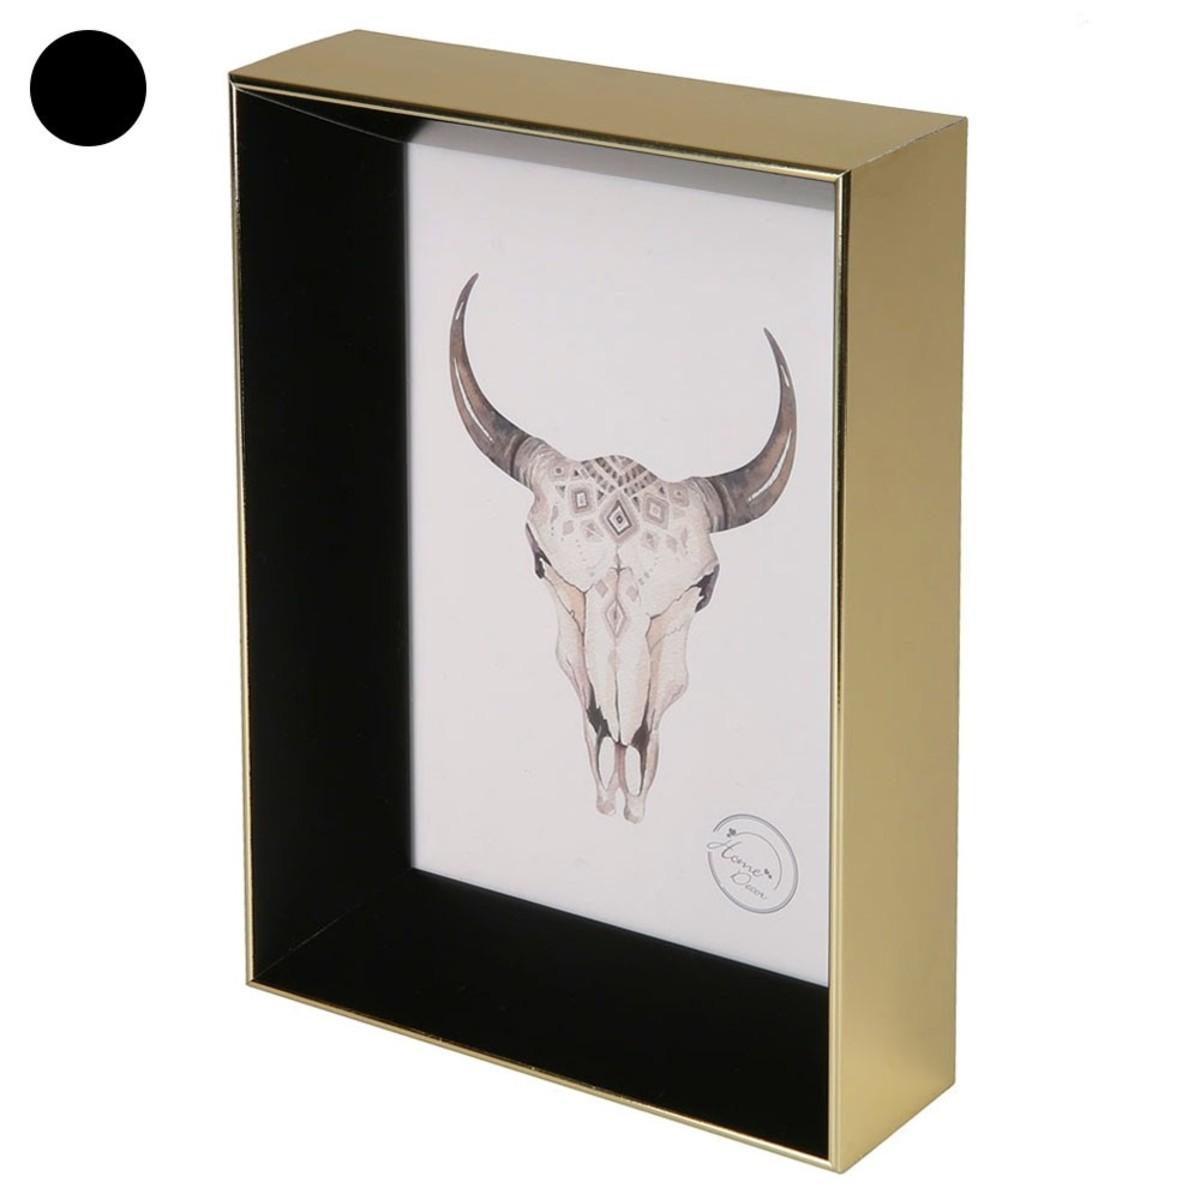 Bild 1 von Bilderrahmen, 3D-Optik, 12 x 17 x 4,0 cm, gold